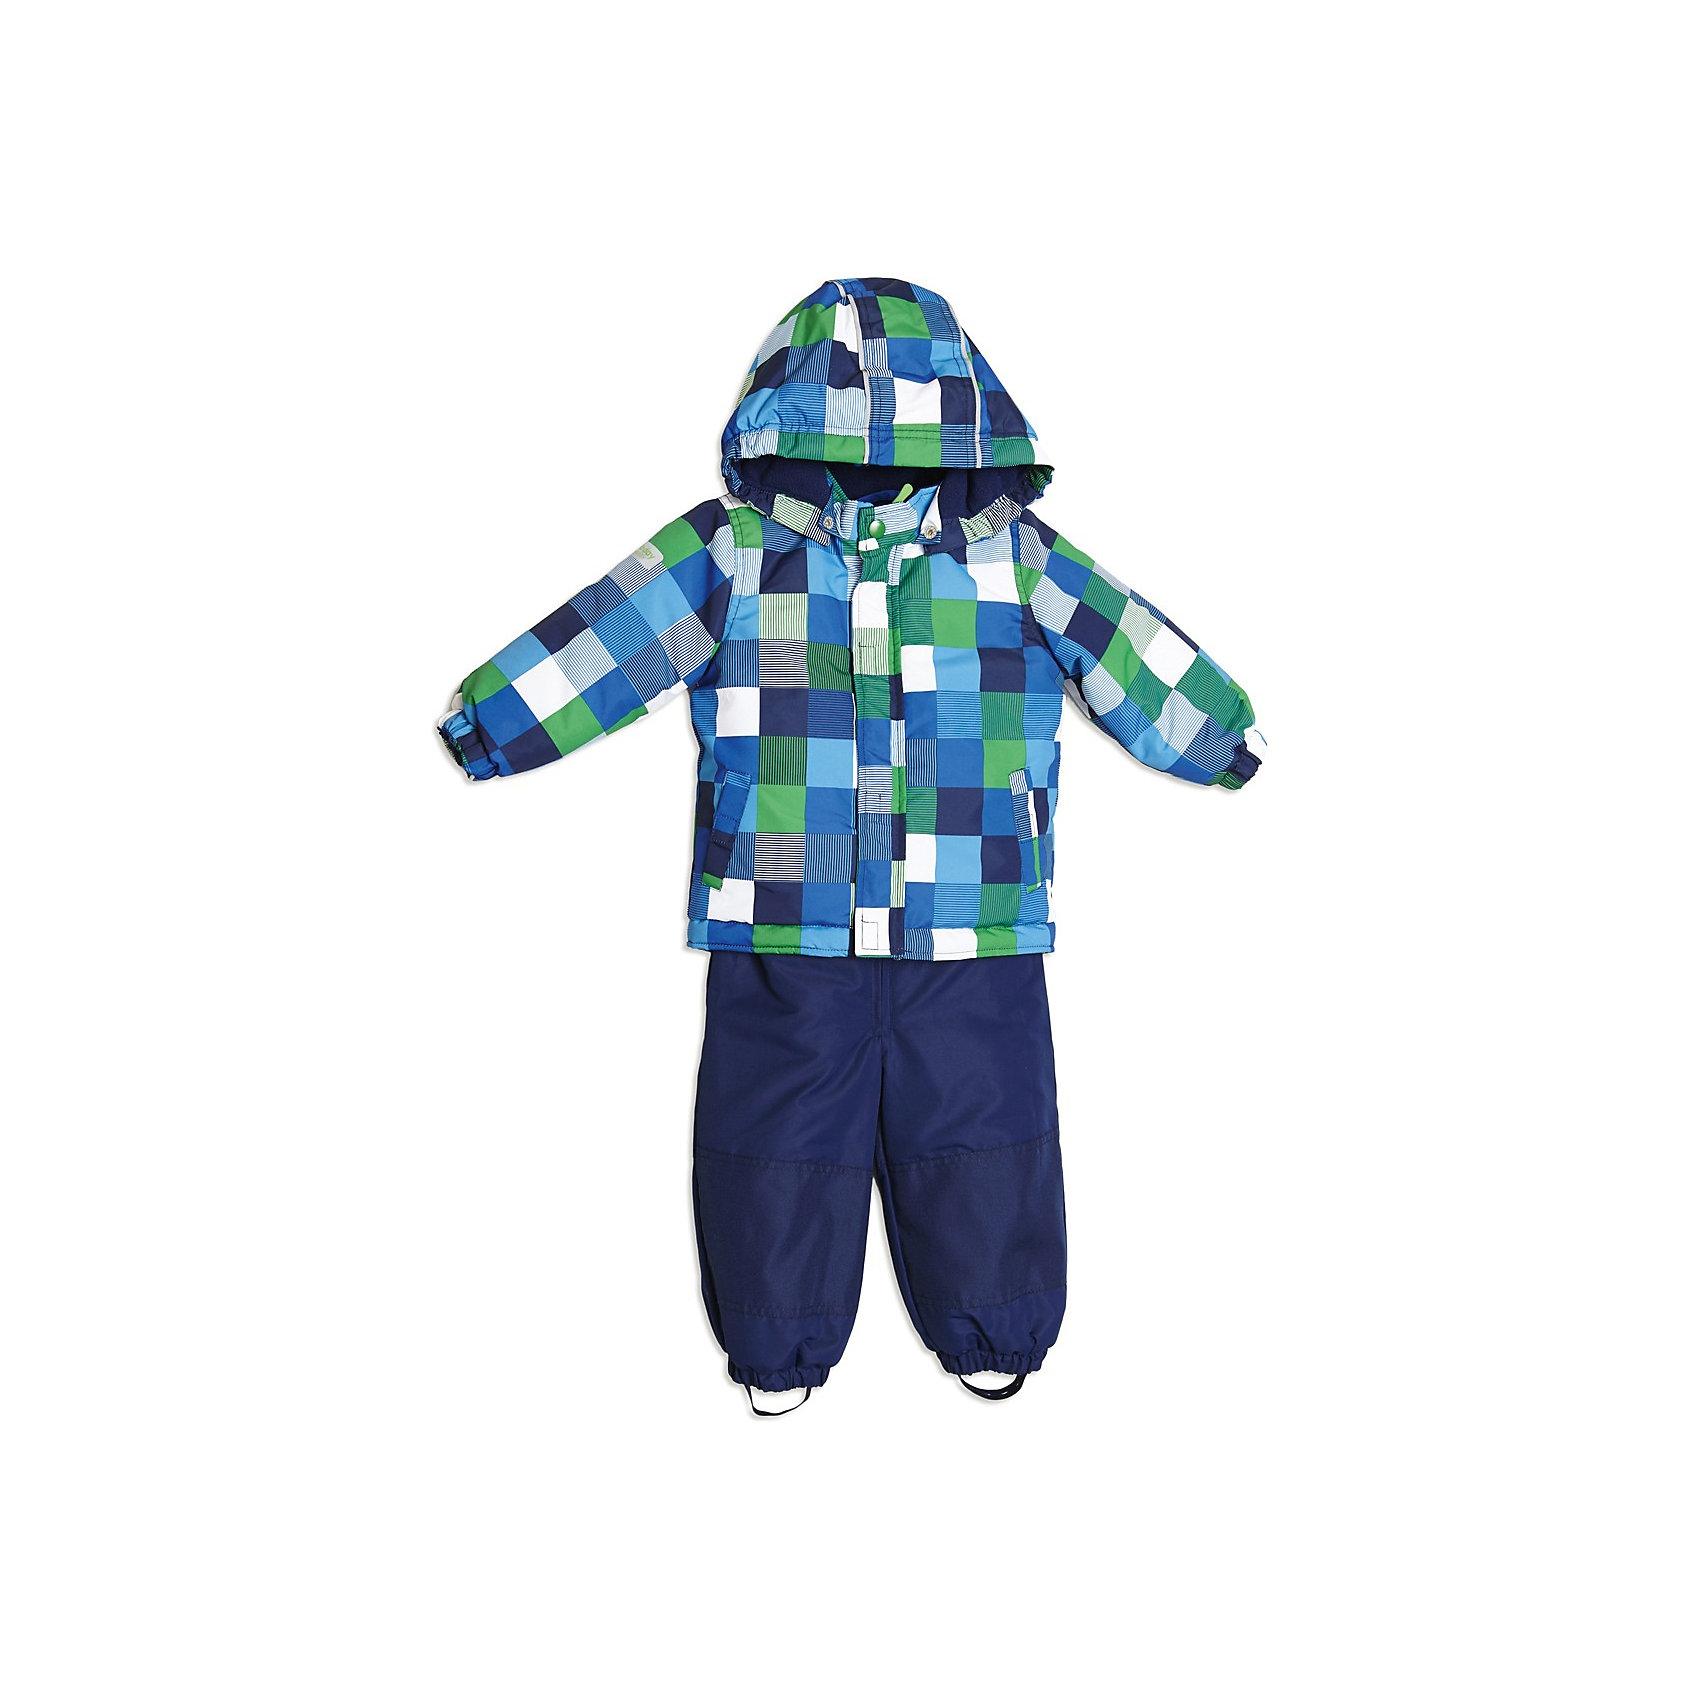 Комплект для мальчика: куртка и полукомбинезон PlayTodayКомплект для мальчика: куртка и полукомбинезон от известной марки PlayToday<br>* теплый и практичный комплект верхней одежды на каждый день для мальчика, состоящий из полукомбинезона и куртки<br>* яркая ткань с водоотталкивающей пропиткой<br>куртка:<br>* теплая куртка с уютным отстегивающимся капюшоном на кнопках<br>* с внутренней стороны капюшон выполнен из флиса<br>* манжеты на резинке<br>* функциональные карманы на липучке<br>* застежка - молния и ветрозащитная планка на липучках<br>* низ куртки регулируется стопперами<br>полукомбинезон:<br>* полукомбинезон на эластичных регулируемых по длине бретелях<br>* модель застегивается на молнию<br>* на талии эластичная вставка-резинка, которая регулируется поясом на липучках<br>* в области колен и заднее полотно брюк из более плотной усиленной ткани<br>* отстегивающаяся резинка на пуговицах, фиксирующая стопу ребенка<br>Состав:<br>верх: 100% полиэстер, подкладка: 100% хлопок, <br>наполнитель: 100% полиэстер (250 г)<br><br>Комплект для мальчика: куртка и полукомбинезон PlayToday (Плейтудей) можно купить в нашем магазине.<br><br>Ширина мм: 356<br>Глубина мм: 10<br>Высота мм: 245<br>Вес г: 519<br>Цвет: синий<br>Возраст от месяцев: 6<br>Возраст до месяцев: 9<br>Пол: Мужской<br>Возраст: Детский<br>Размер: 74,92,80,86<br>SKU: 3745568